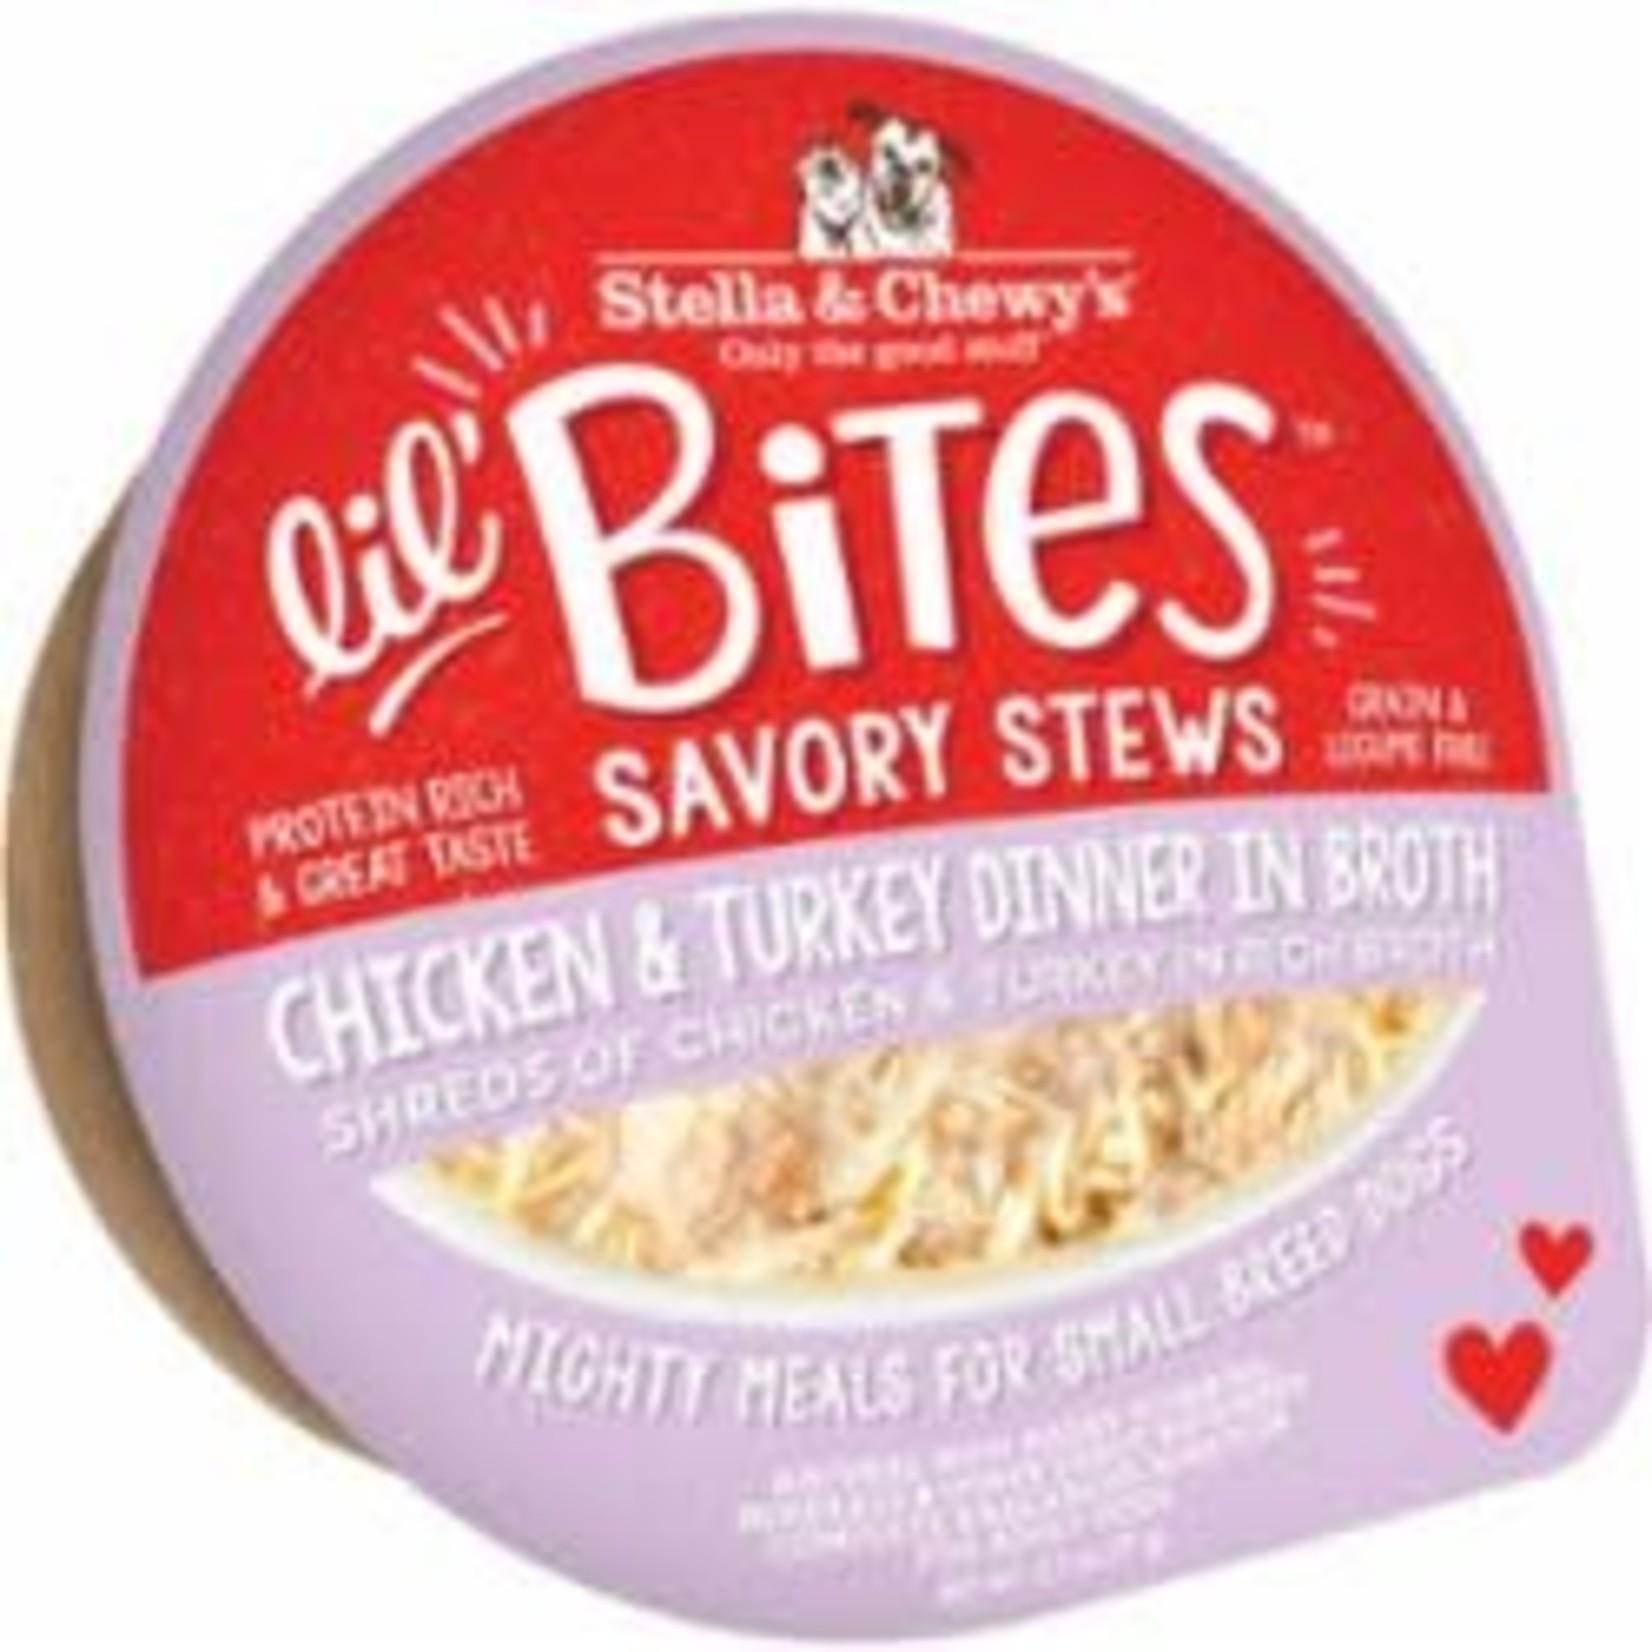 Stella & Chewys Stella & Chewys Lil Bites Stew Chicken & Turkey 2.7 OZ